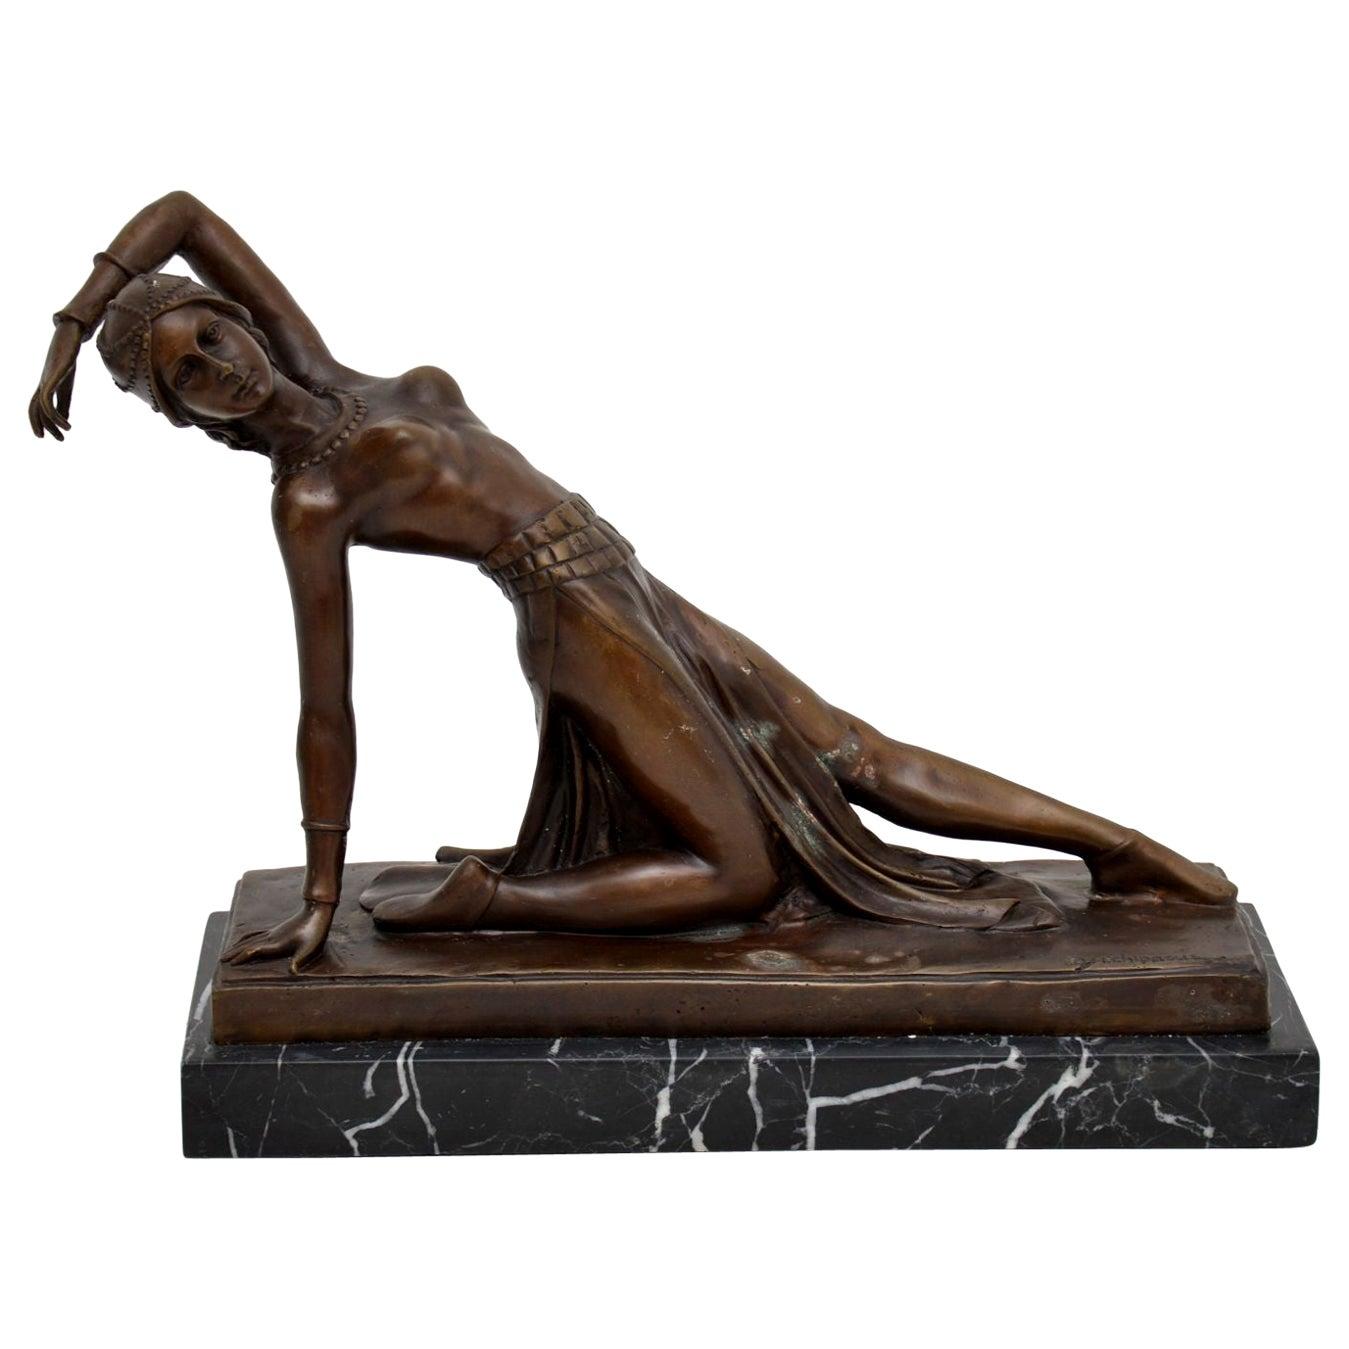 Large Art Deco Bronze Dancing Nude Figure